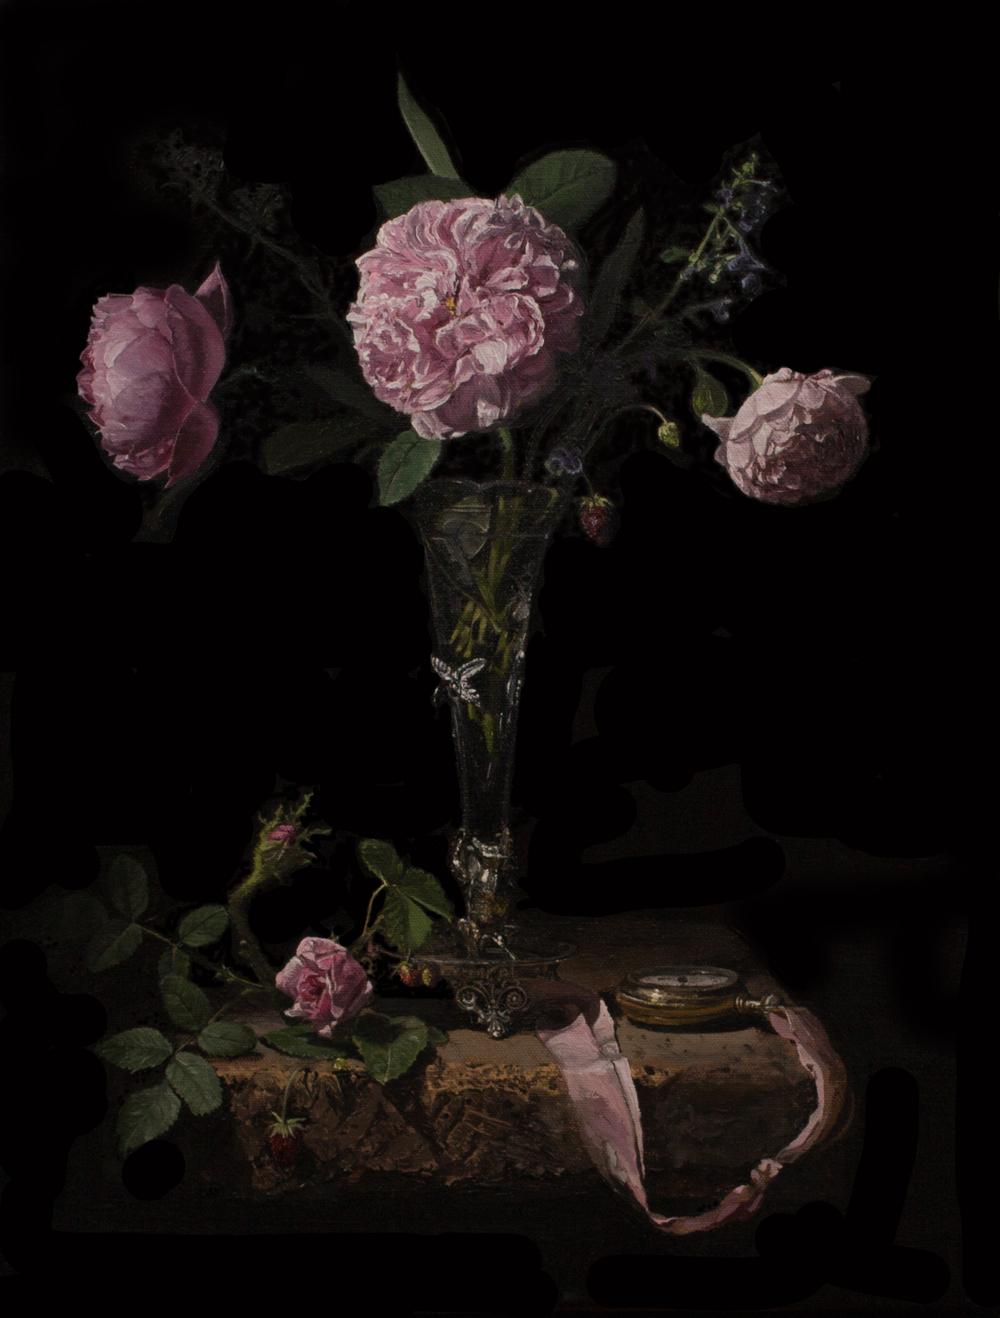 Moss Rose with Fraises des Bois